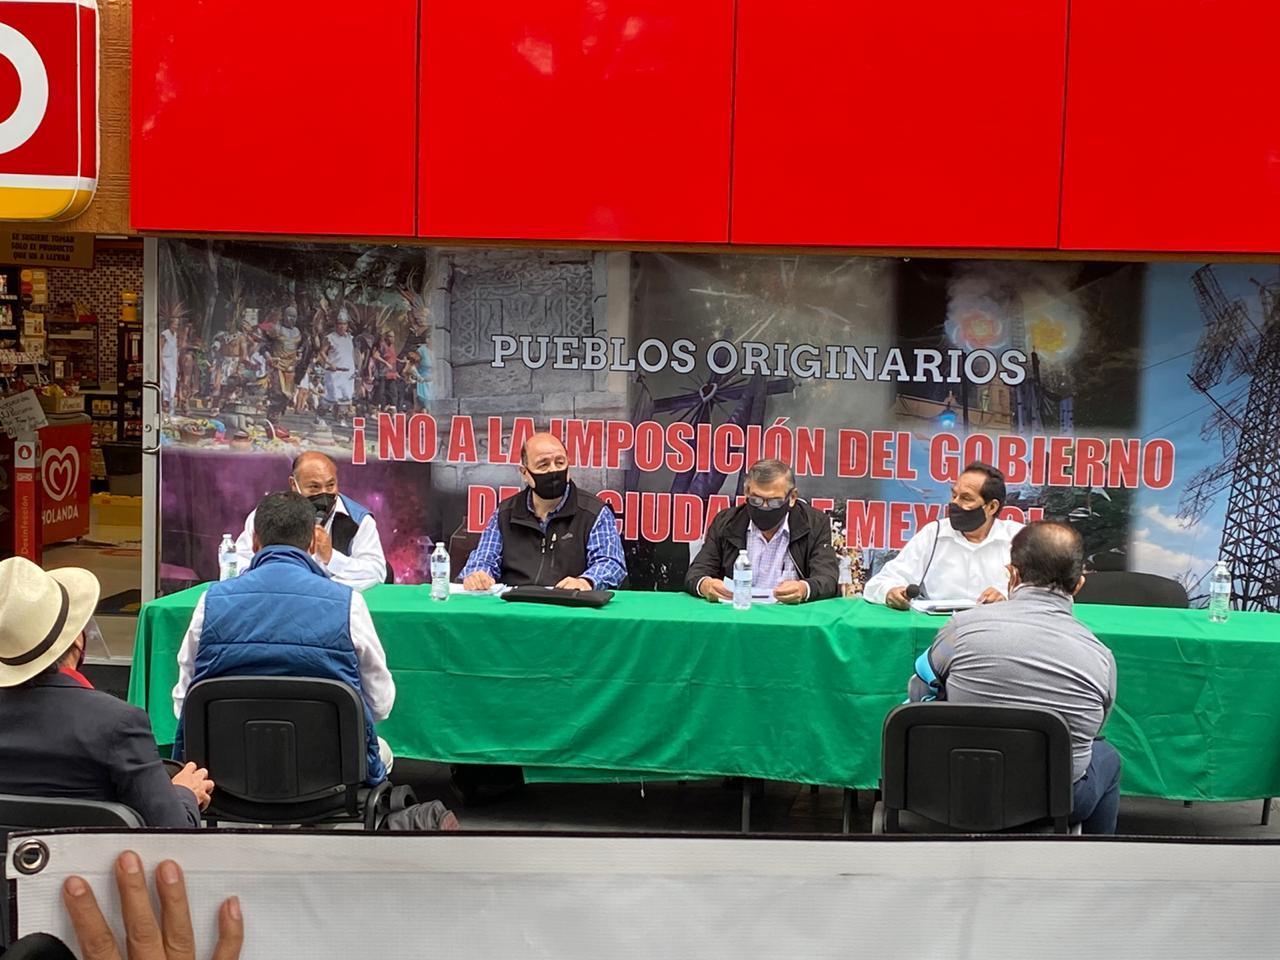 Protestan en Avenida Cuauhtémoc contra ampliación de la Línea 3 del Metrobús